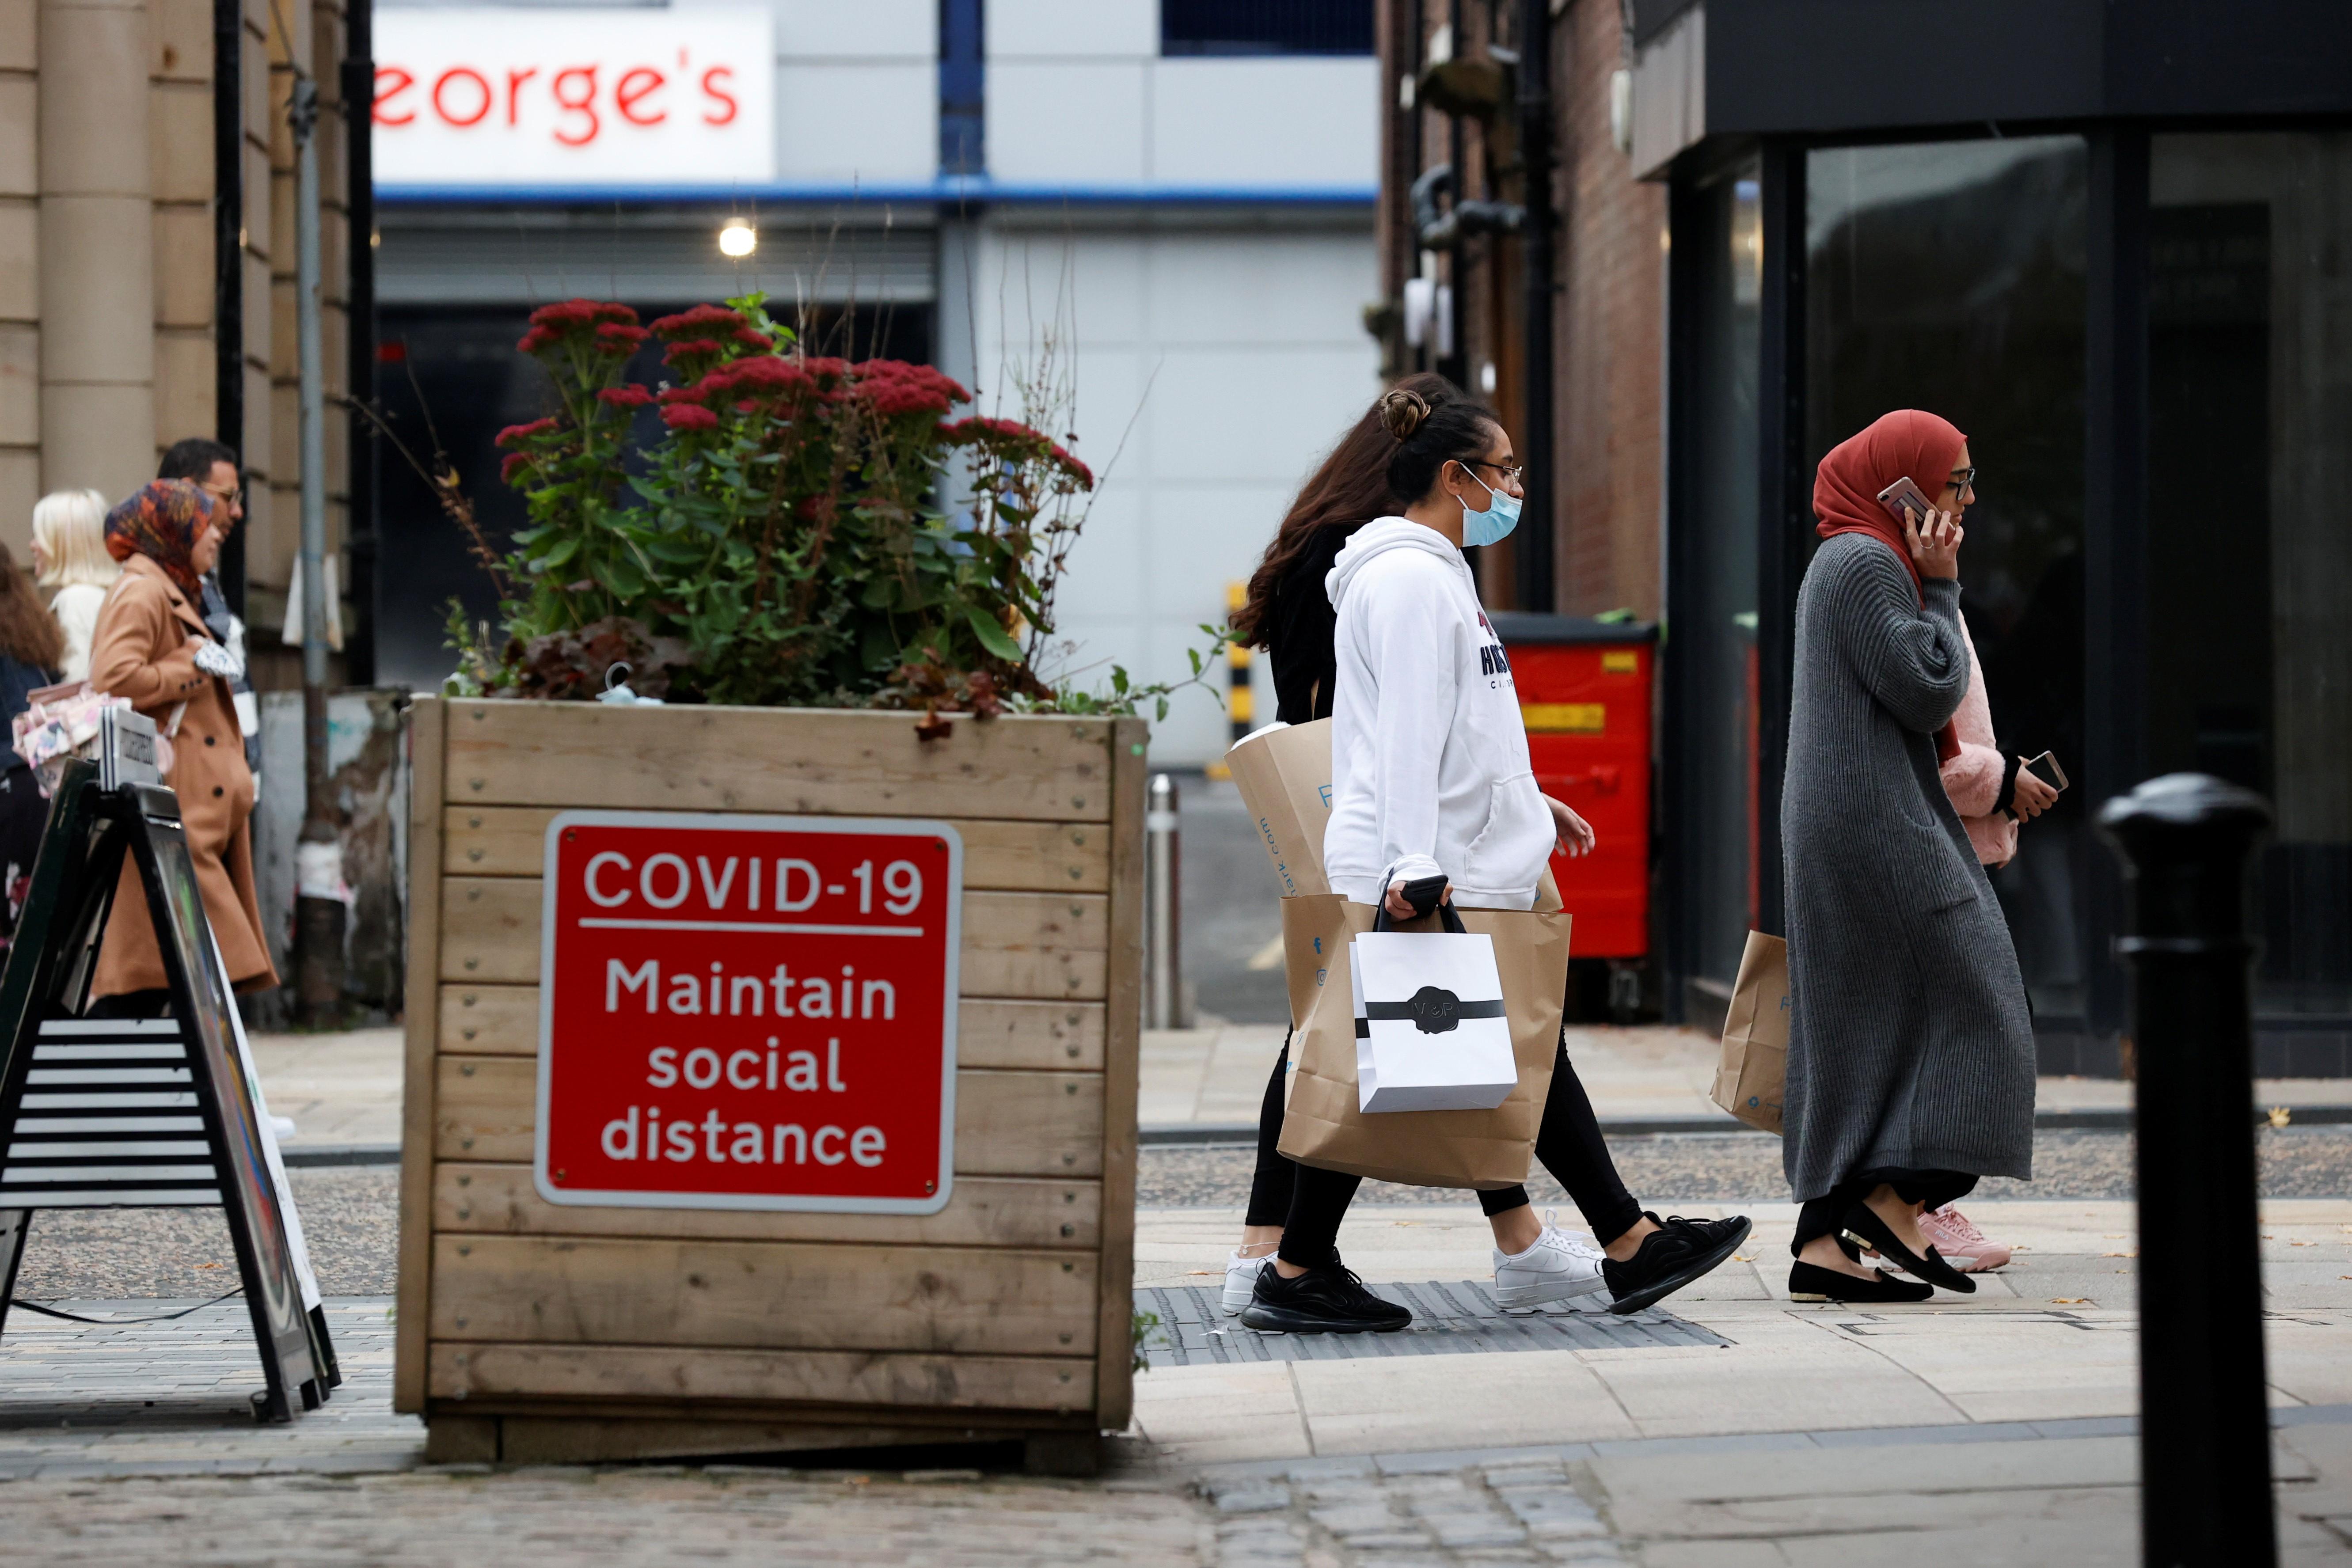 Europa tem mais de 250 mil mortes por Covid-19, diz agência